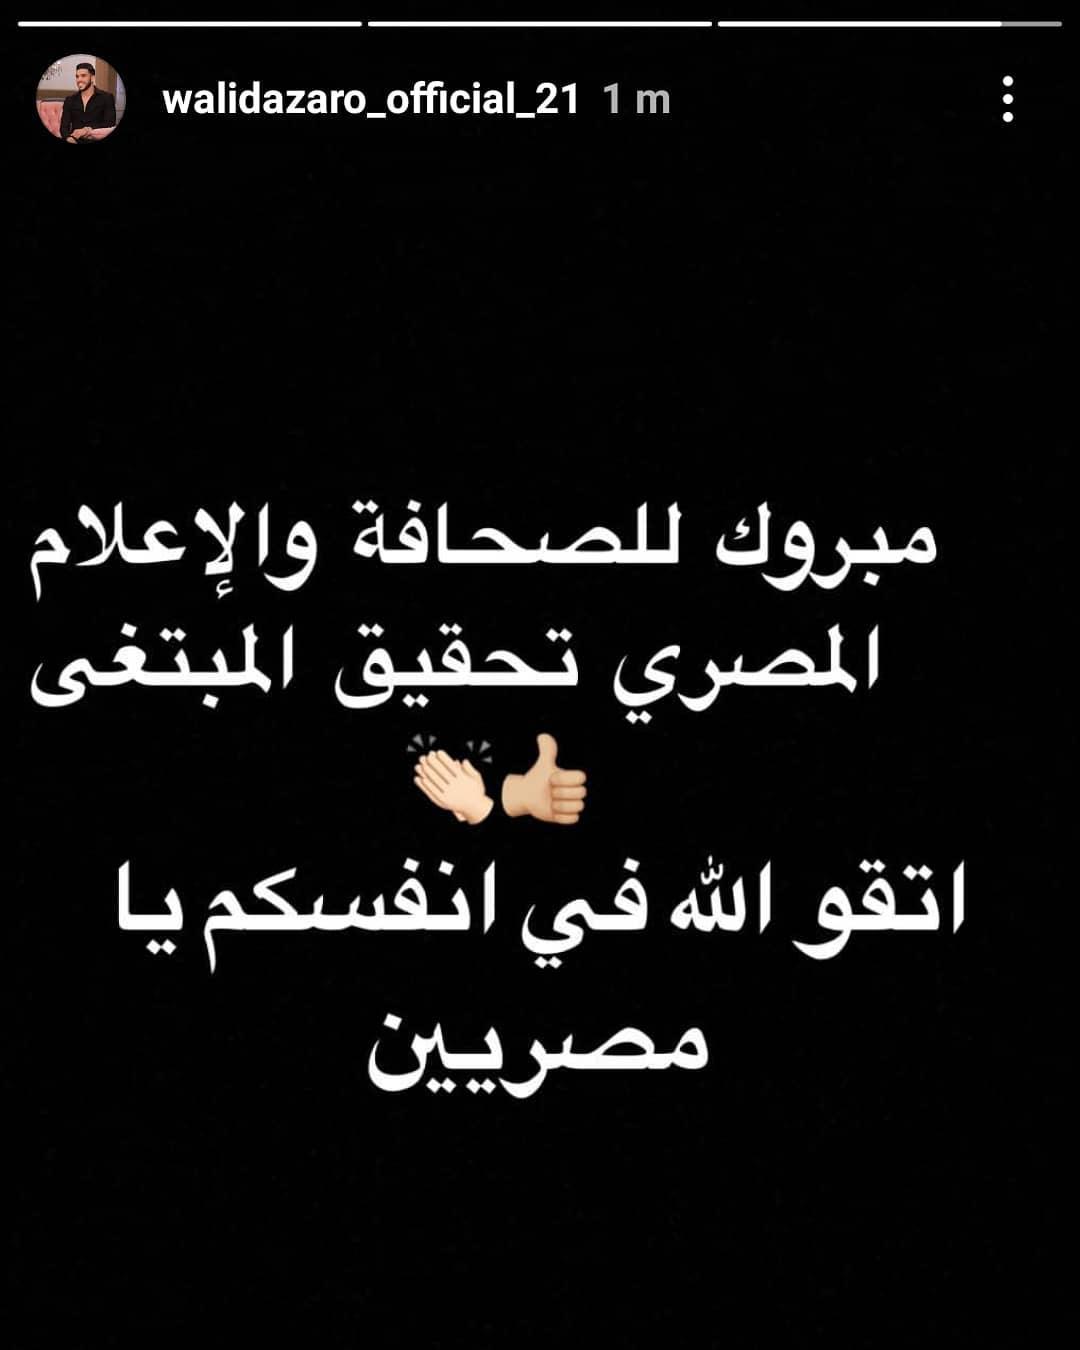 Walid Azaroo on Instagram